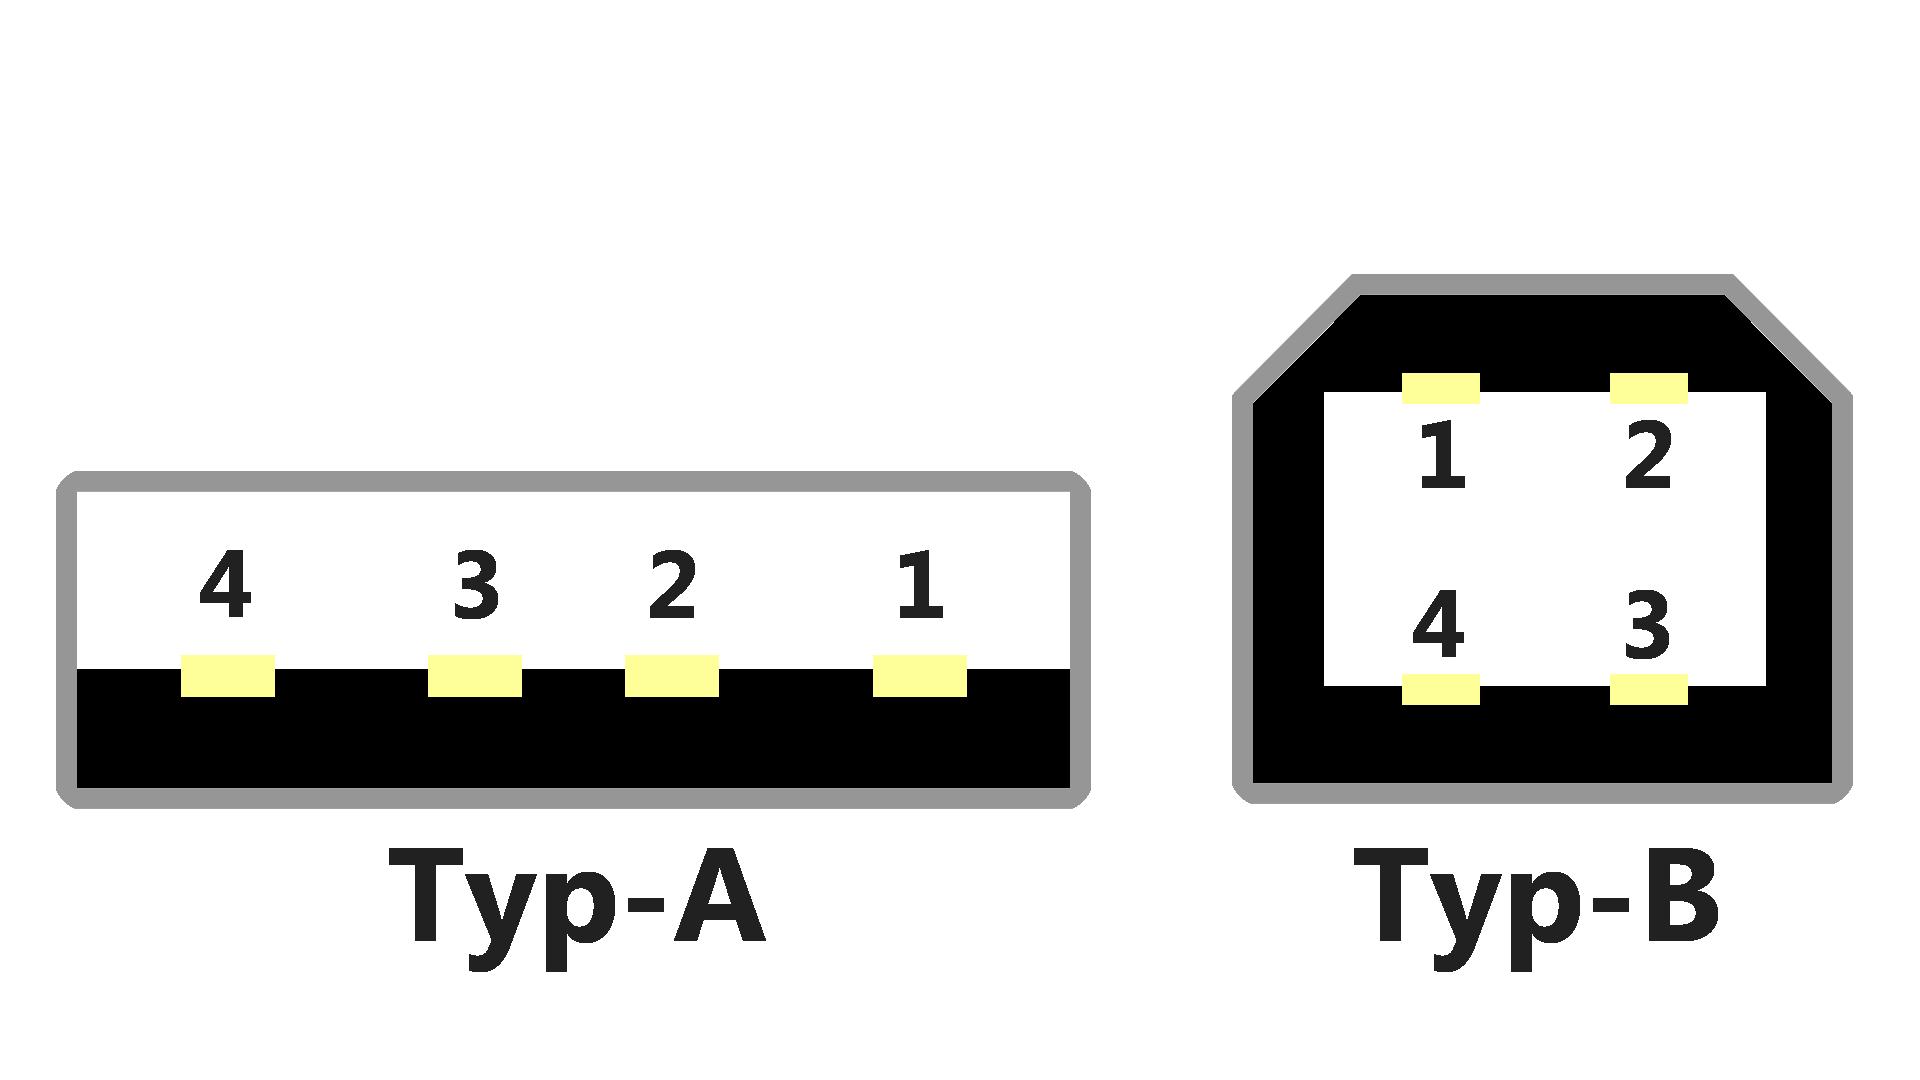 Usb Anschluss Pinbelegung Von A B C Und Micro Giga 2 0 Schematic 20 Pinout